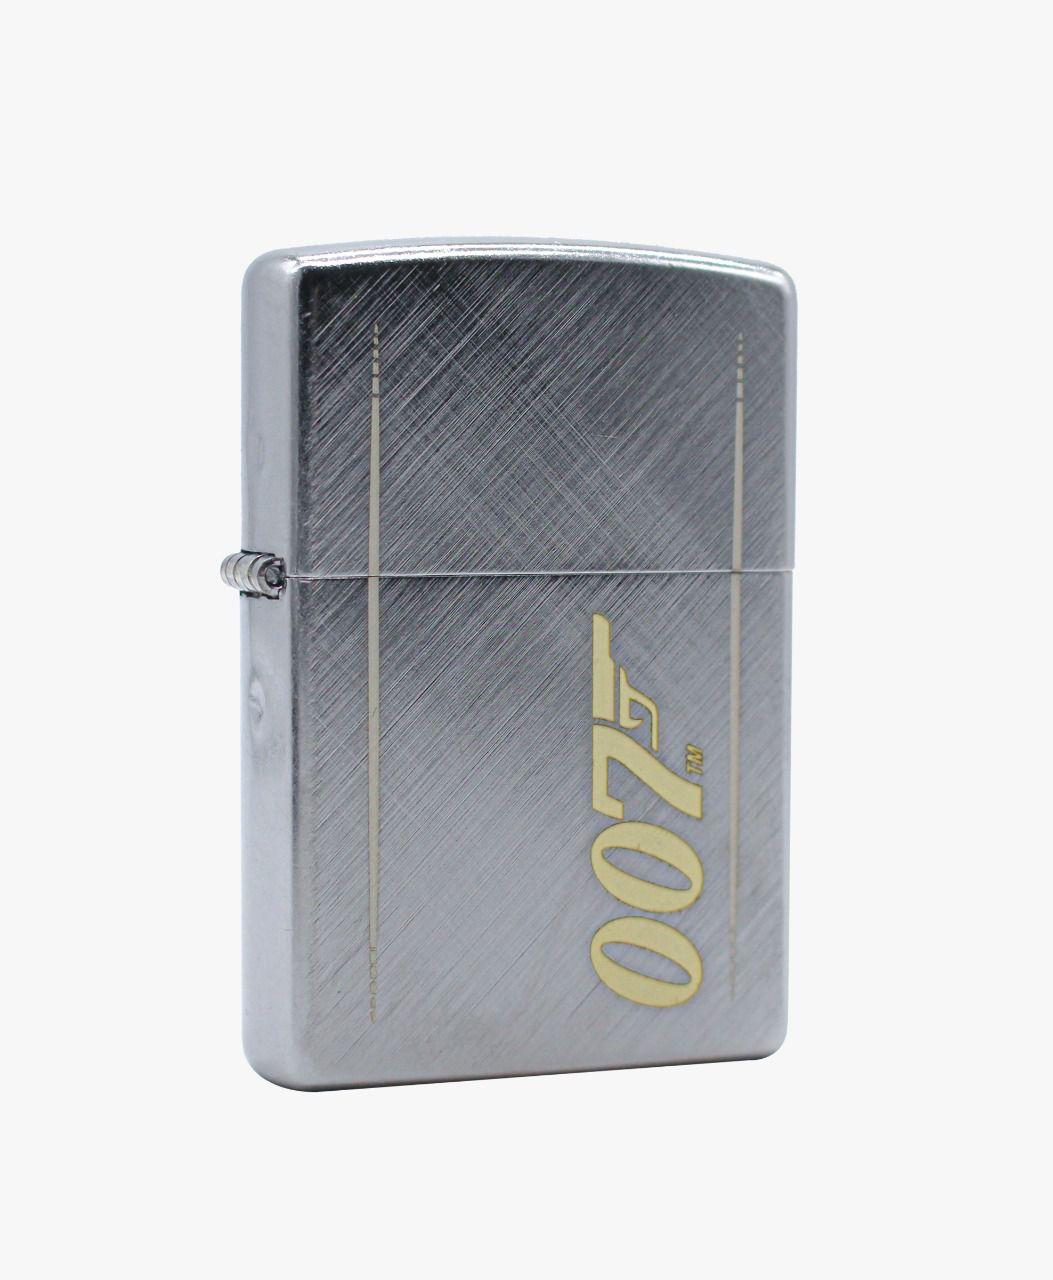 Isqueiro Zippo Bond BT 007 Gun